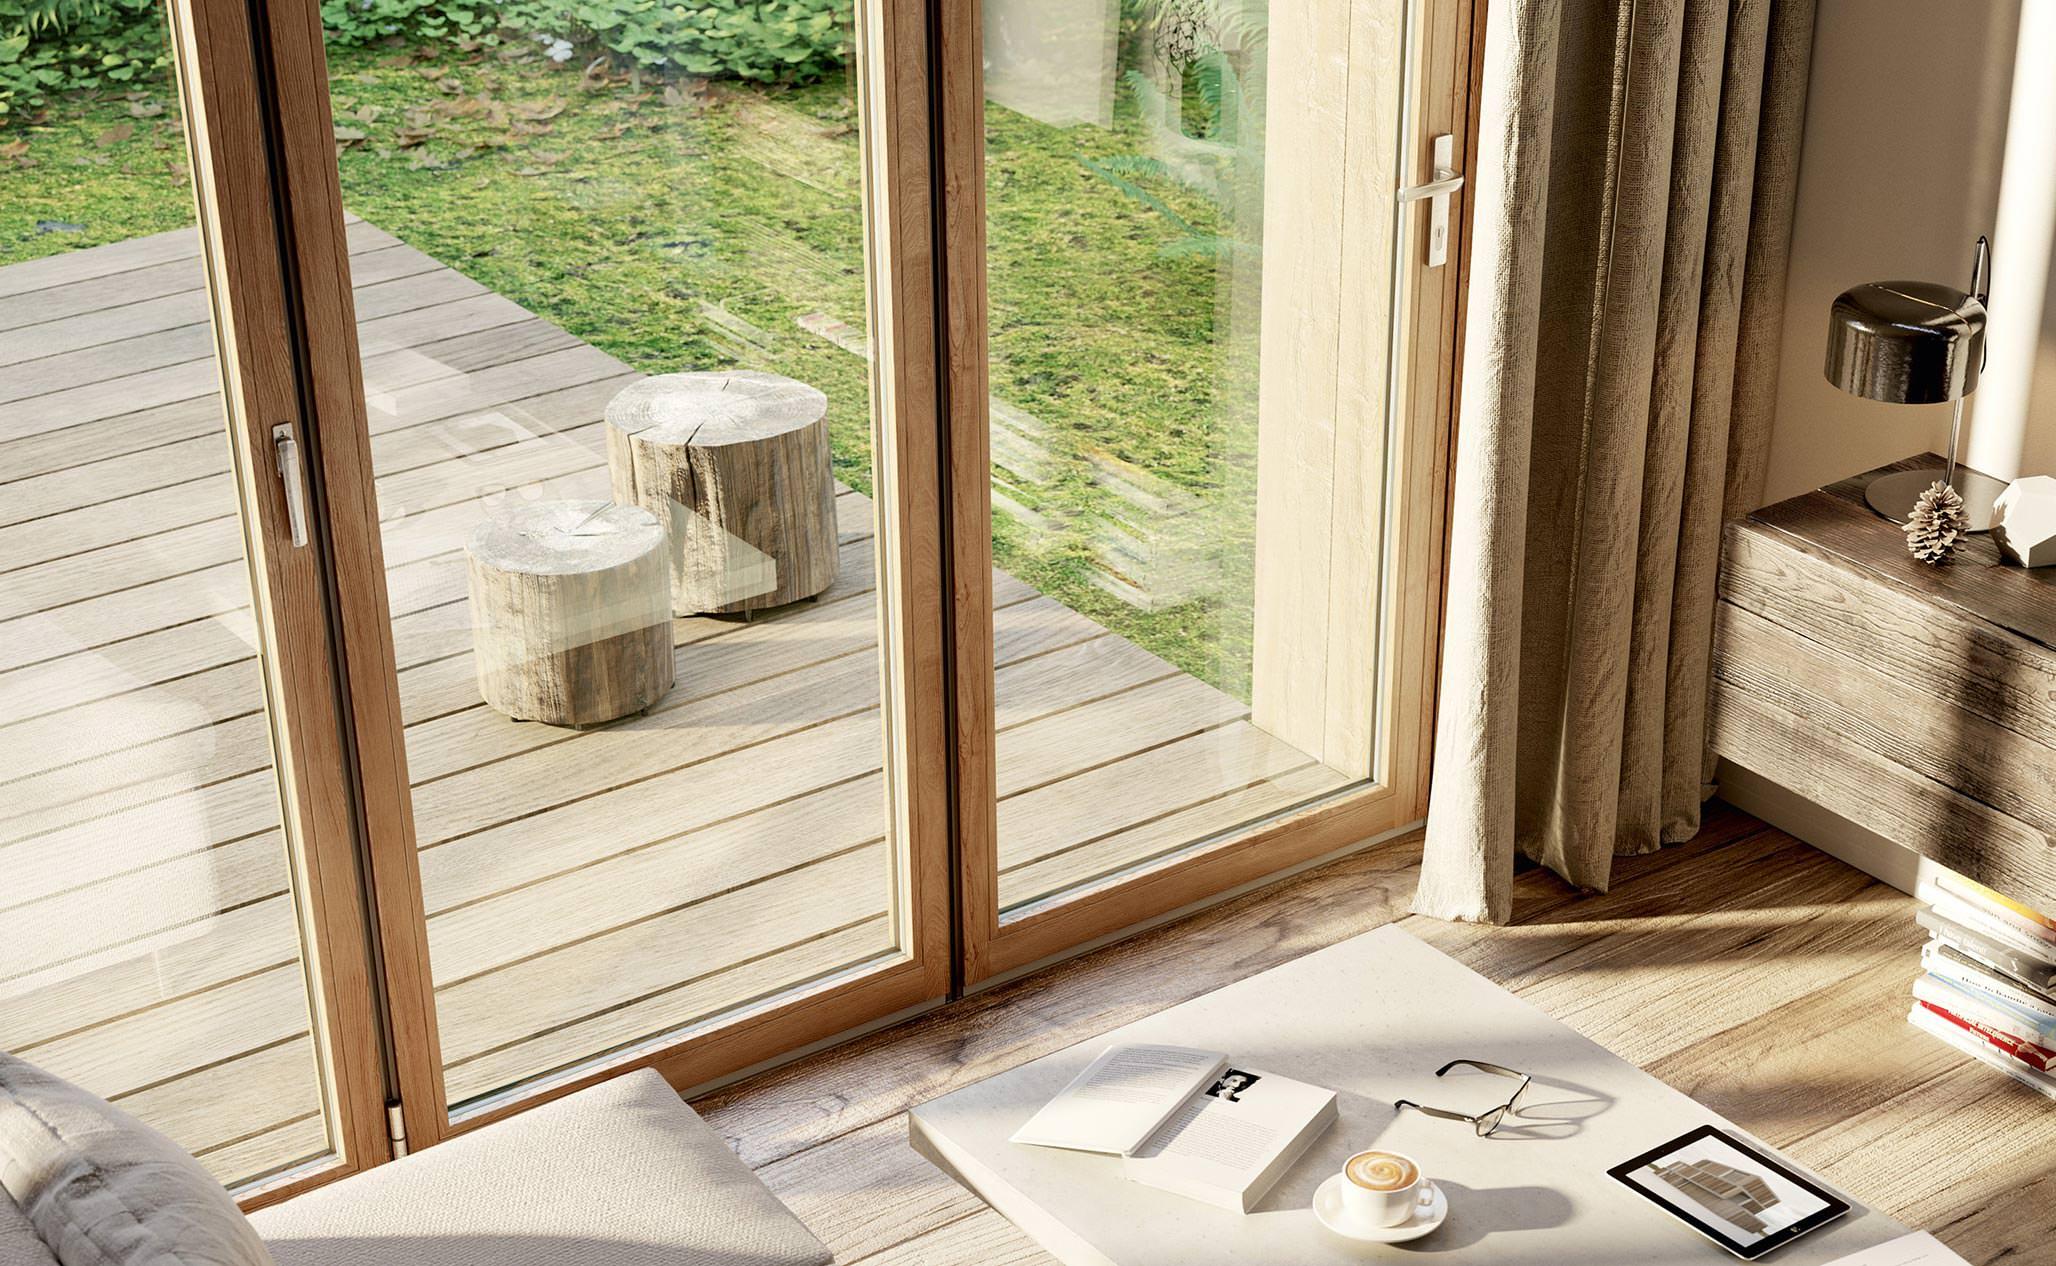 lasur holz best remmers uv with lasur holz trendy schtzen sie ihr holz mit einer lasur with. Black Bedroom Furniture Sets. Home Design Ideas